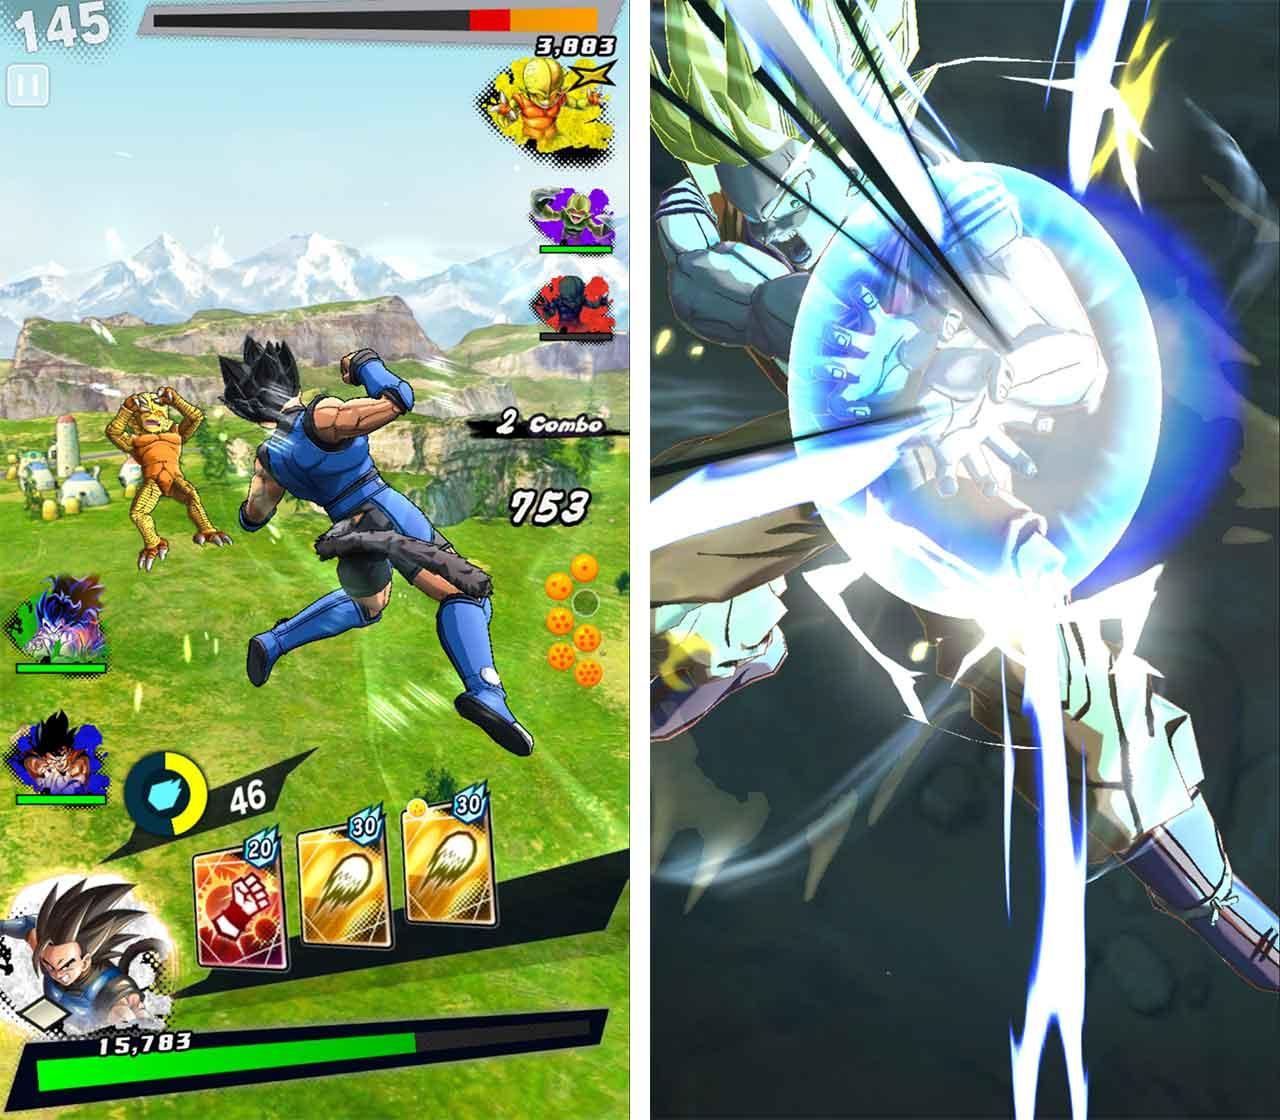 Dragon Ball Legends combat